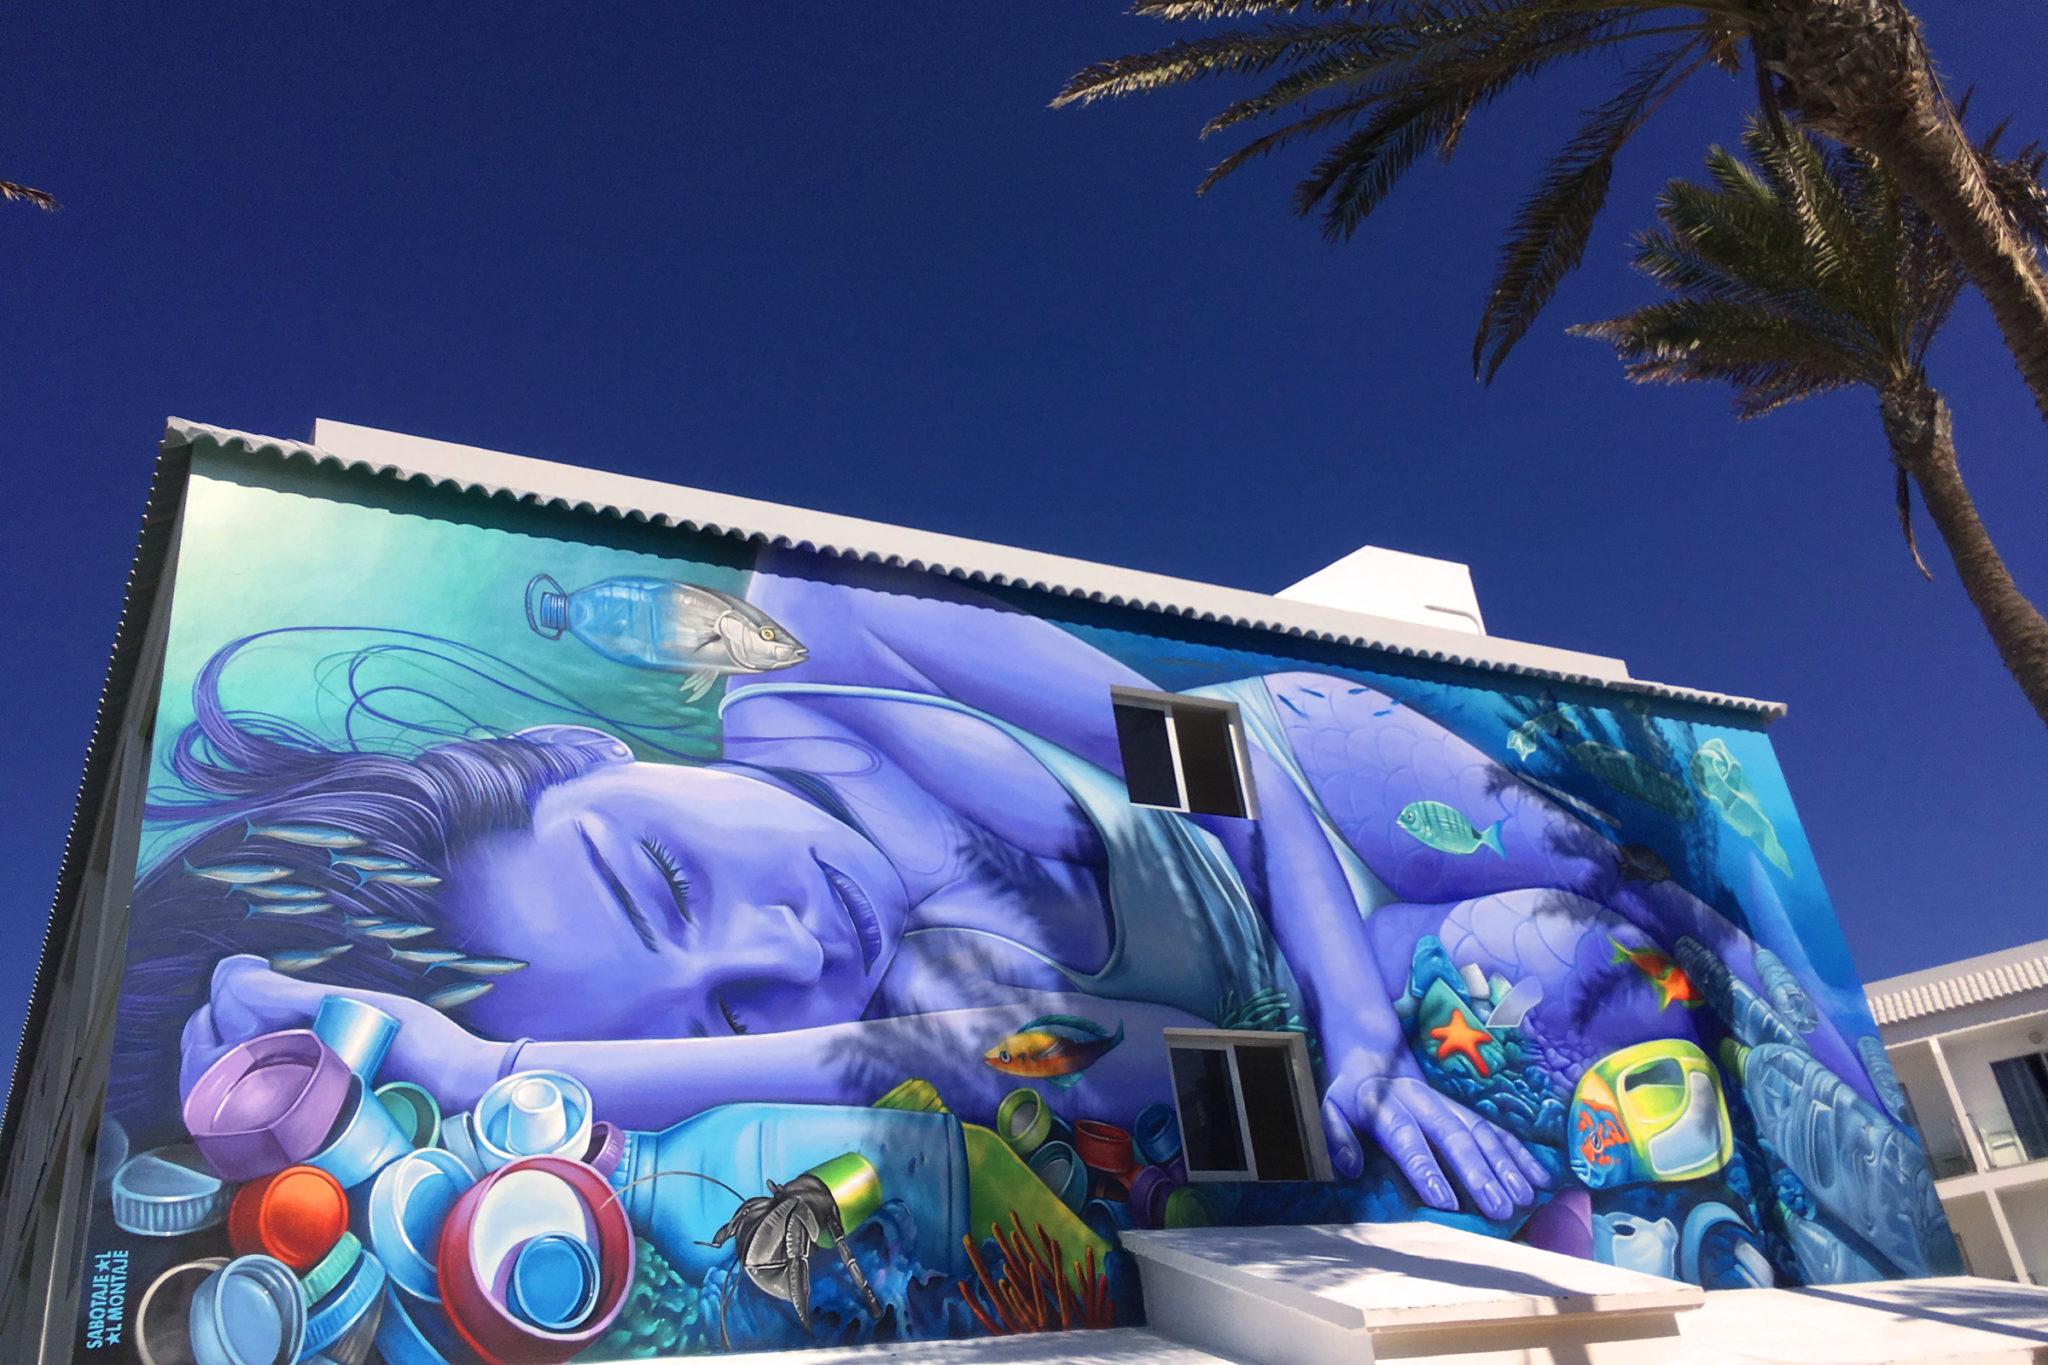 Meerjungfrau Graffito zum Thema Schutz der Meere